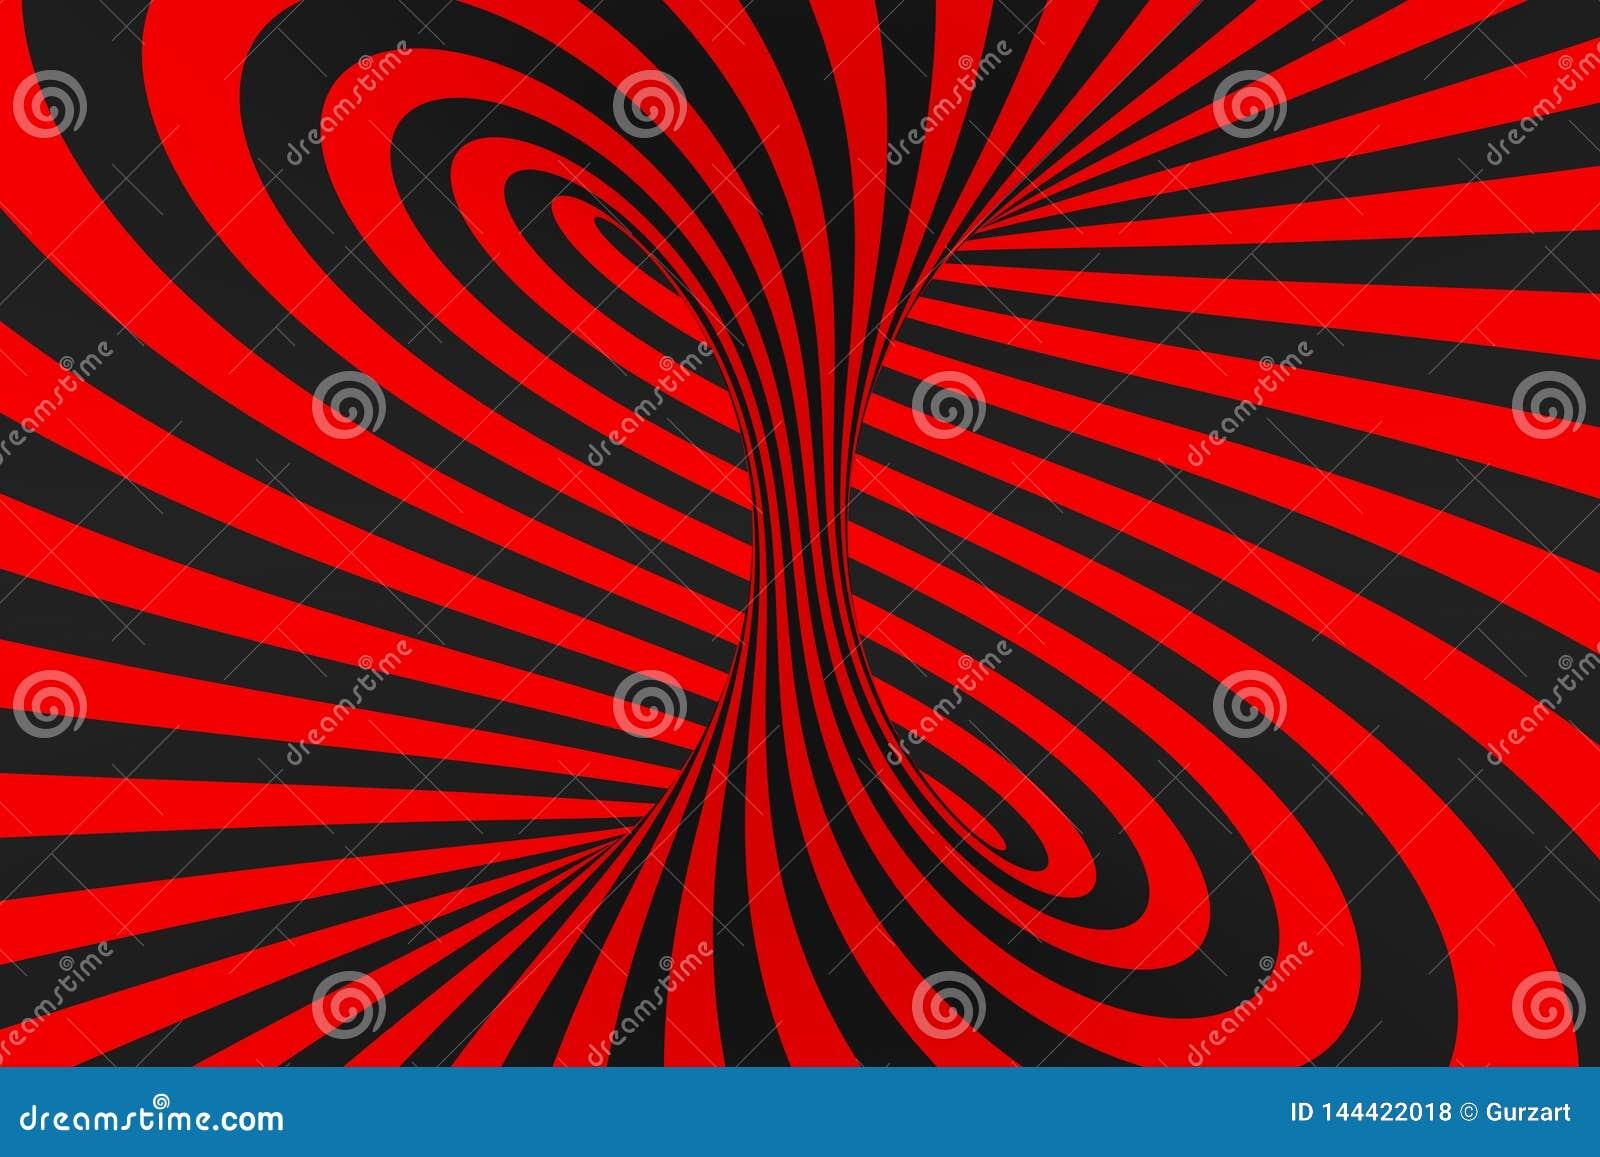 De roosterillustratie van de torus 3D optische illusie Hypnotic zwart en rood buisbeeld Contrast die lijnen, strepenornament verd